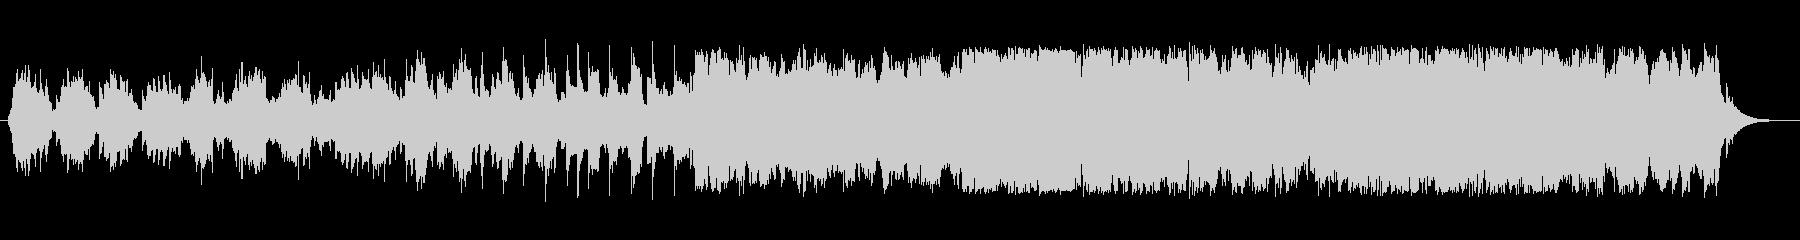 達成感のある管弦バラード曲の未再生の波形